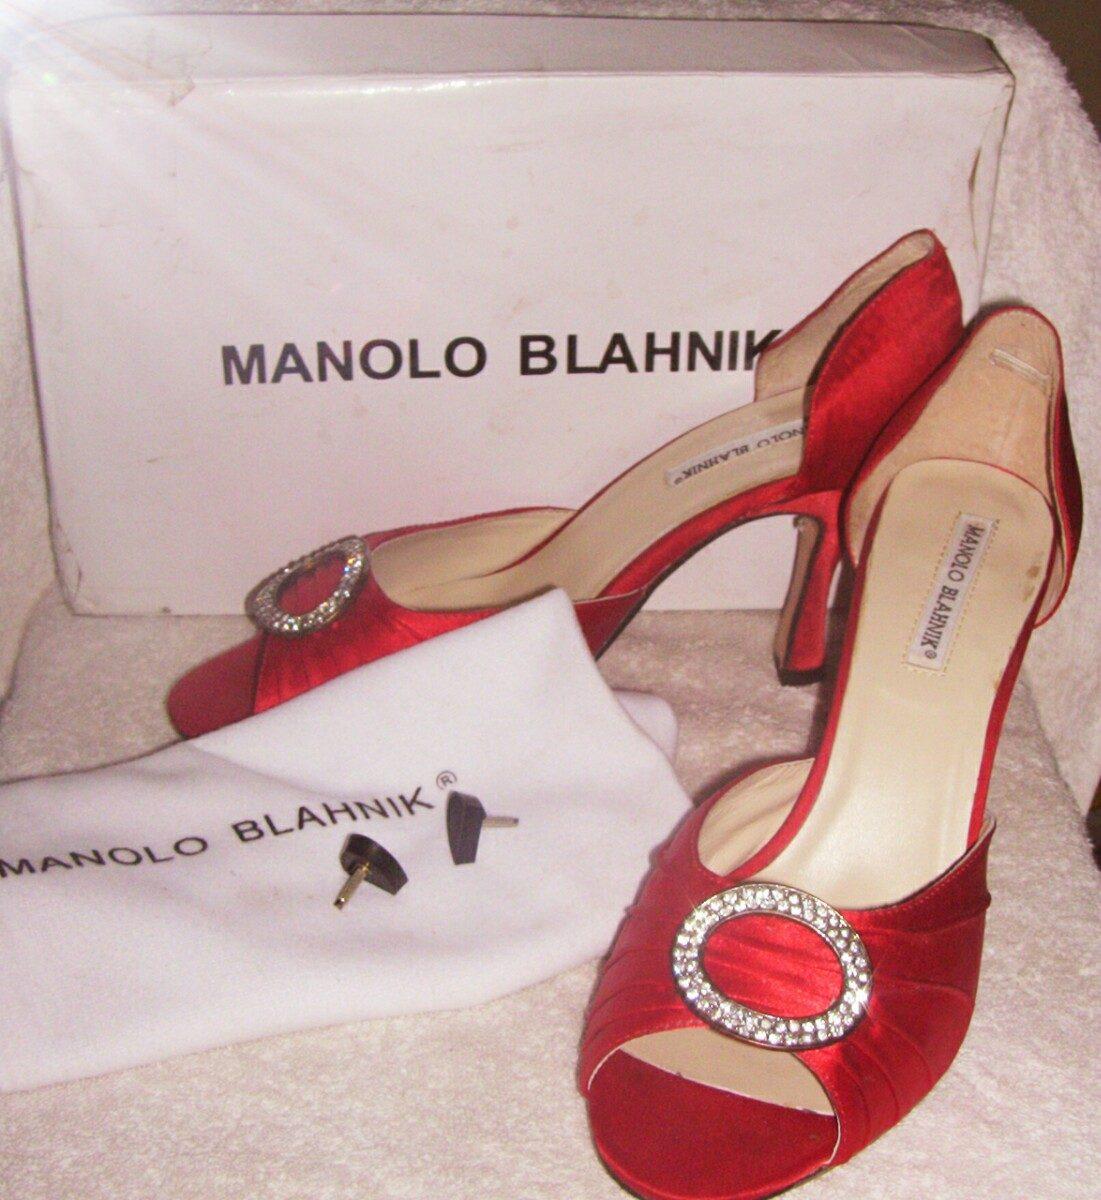 af283ef0 Zapatos Manolo Blahnik Nuevos!! - $ 6.500,00 en Mercado Libre